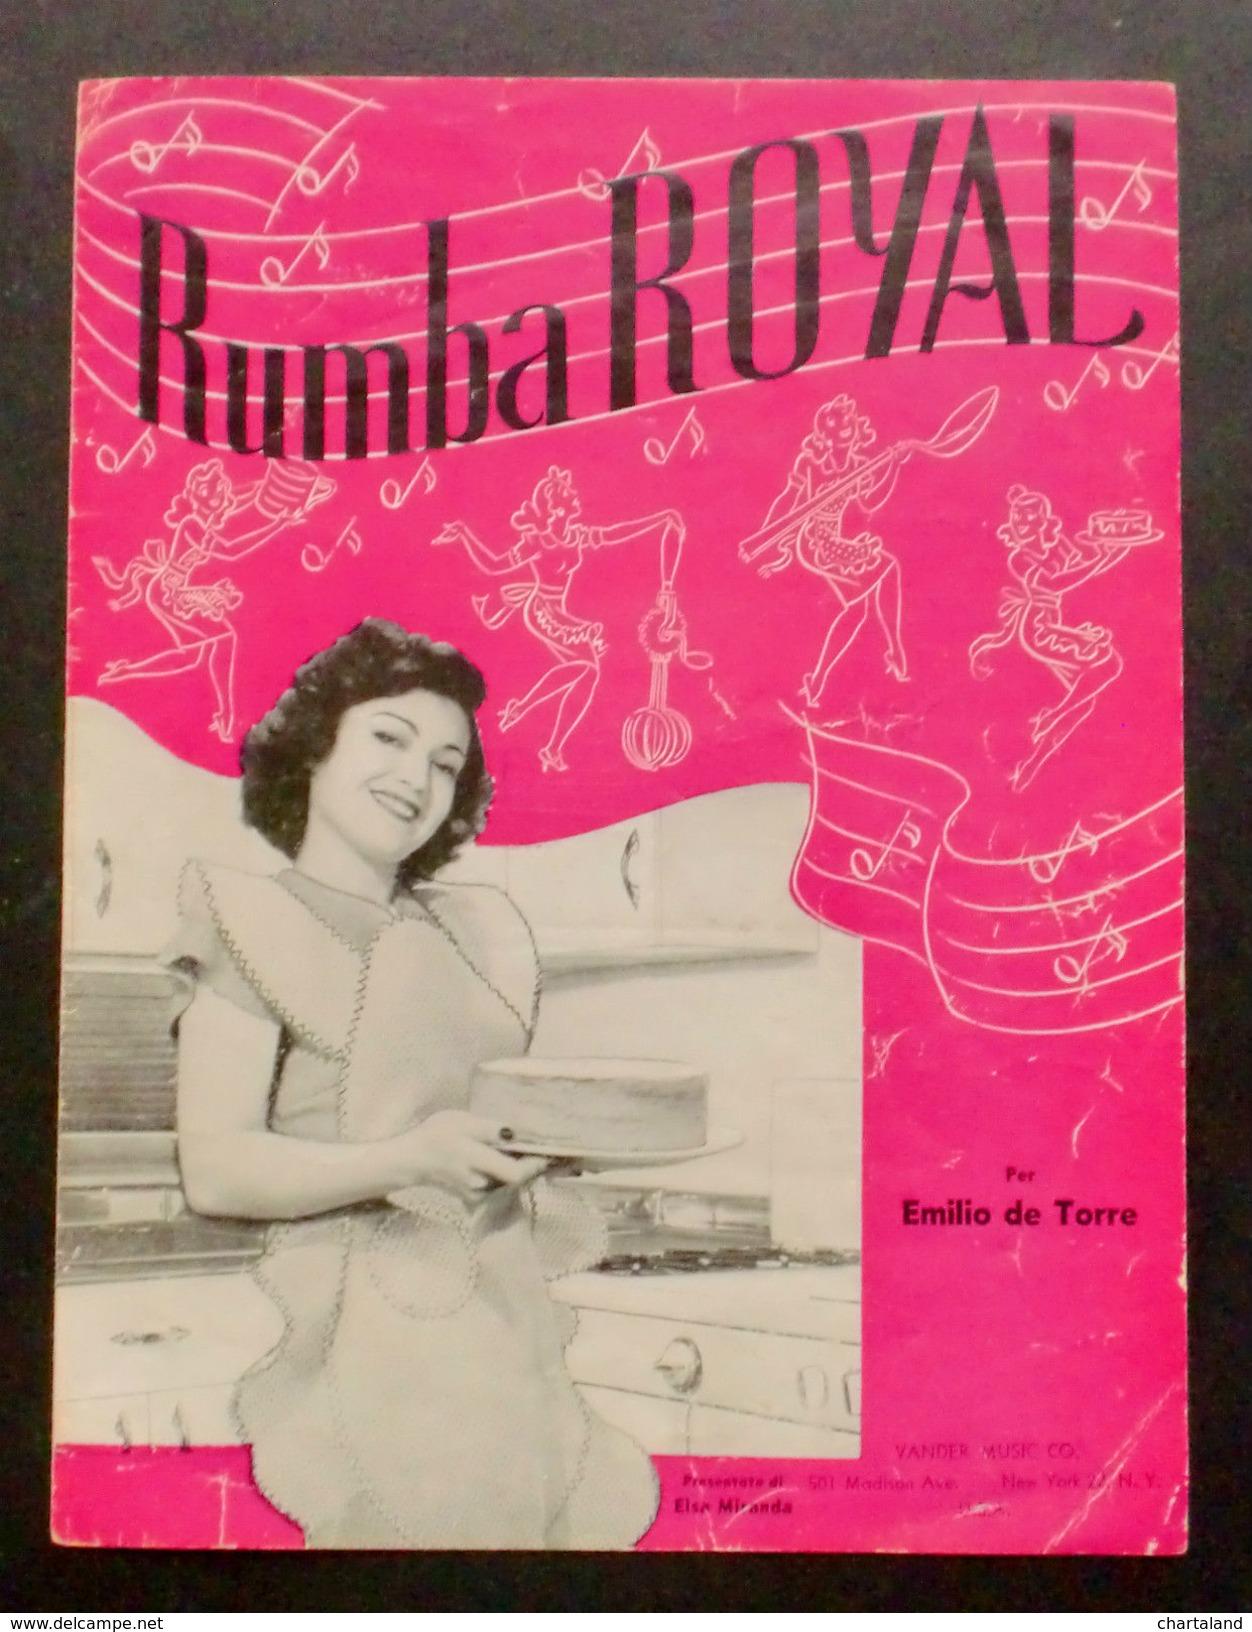 Musica Spartito - Rumba Royal - Emilio De Torre - Pianoforte E Canto - 1947 - Vecchi Documenti